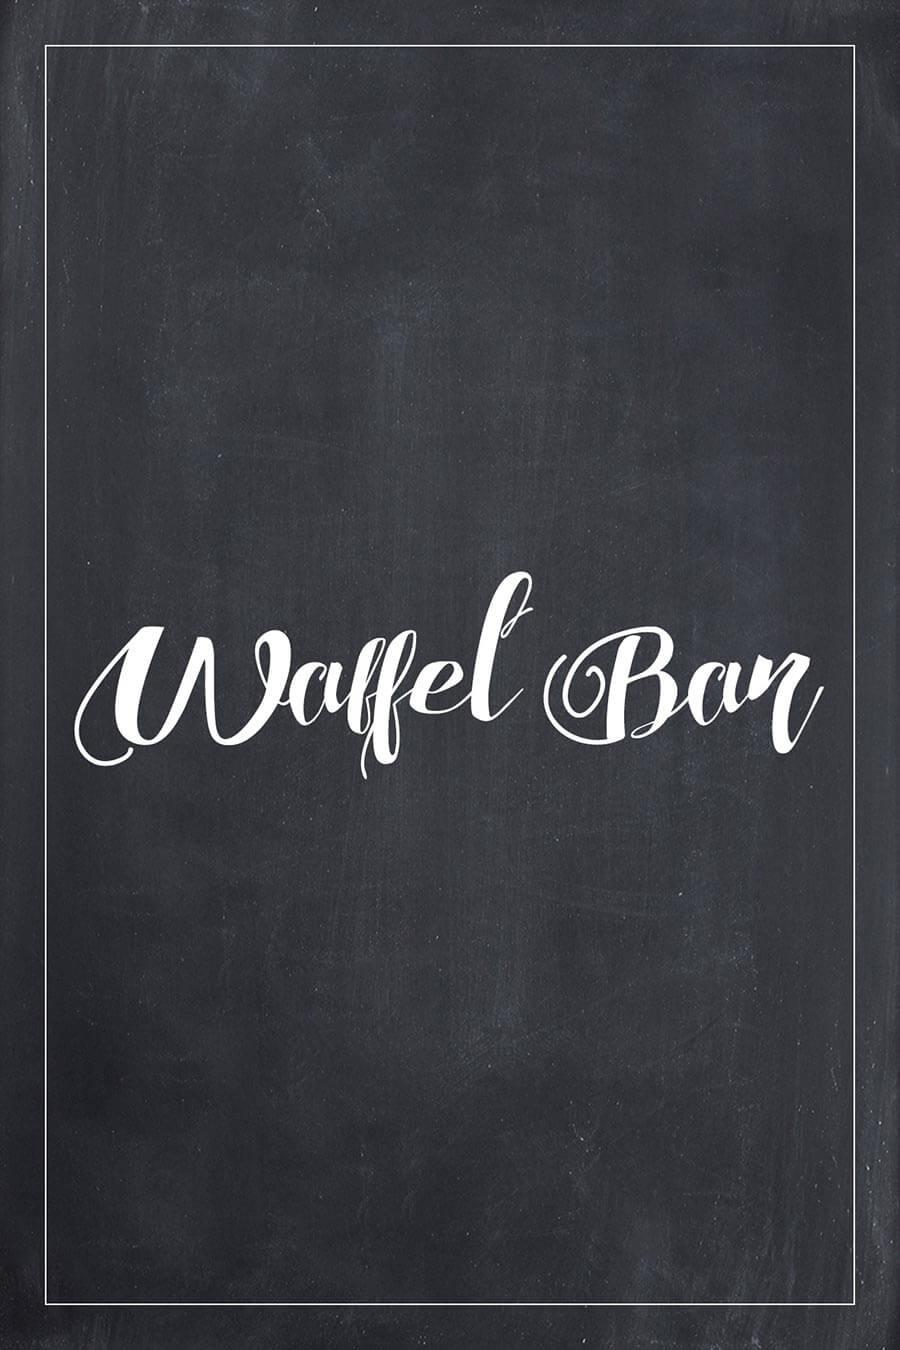 Waffel Bar Schild für die Hochzeit im Tafel-Look. Finde hier viele weitere Vorlagen für Schilder in über 20 verschiedene Farben!